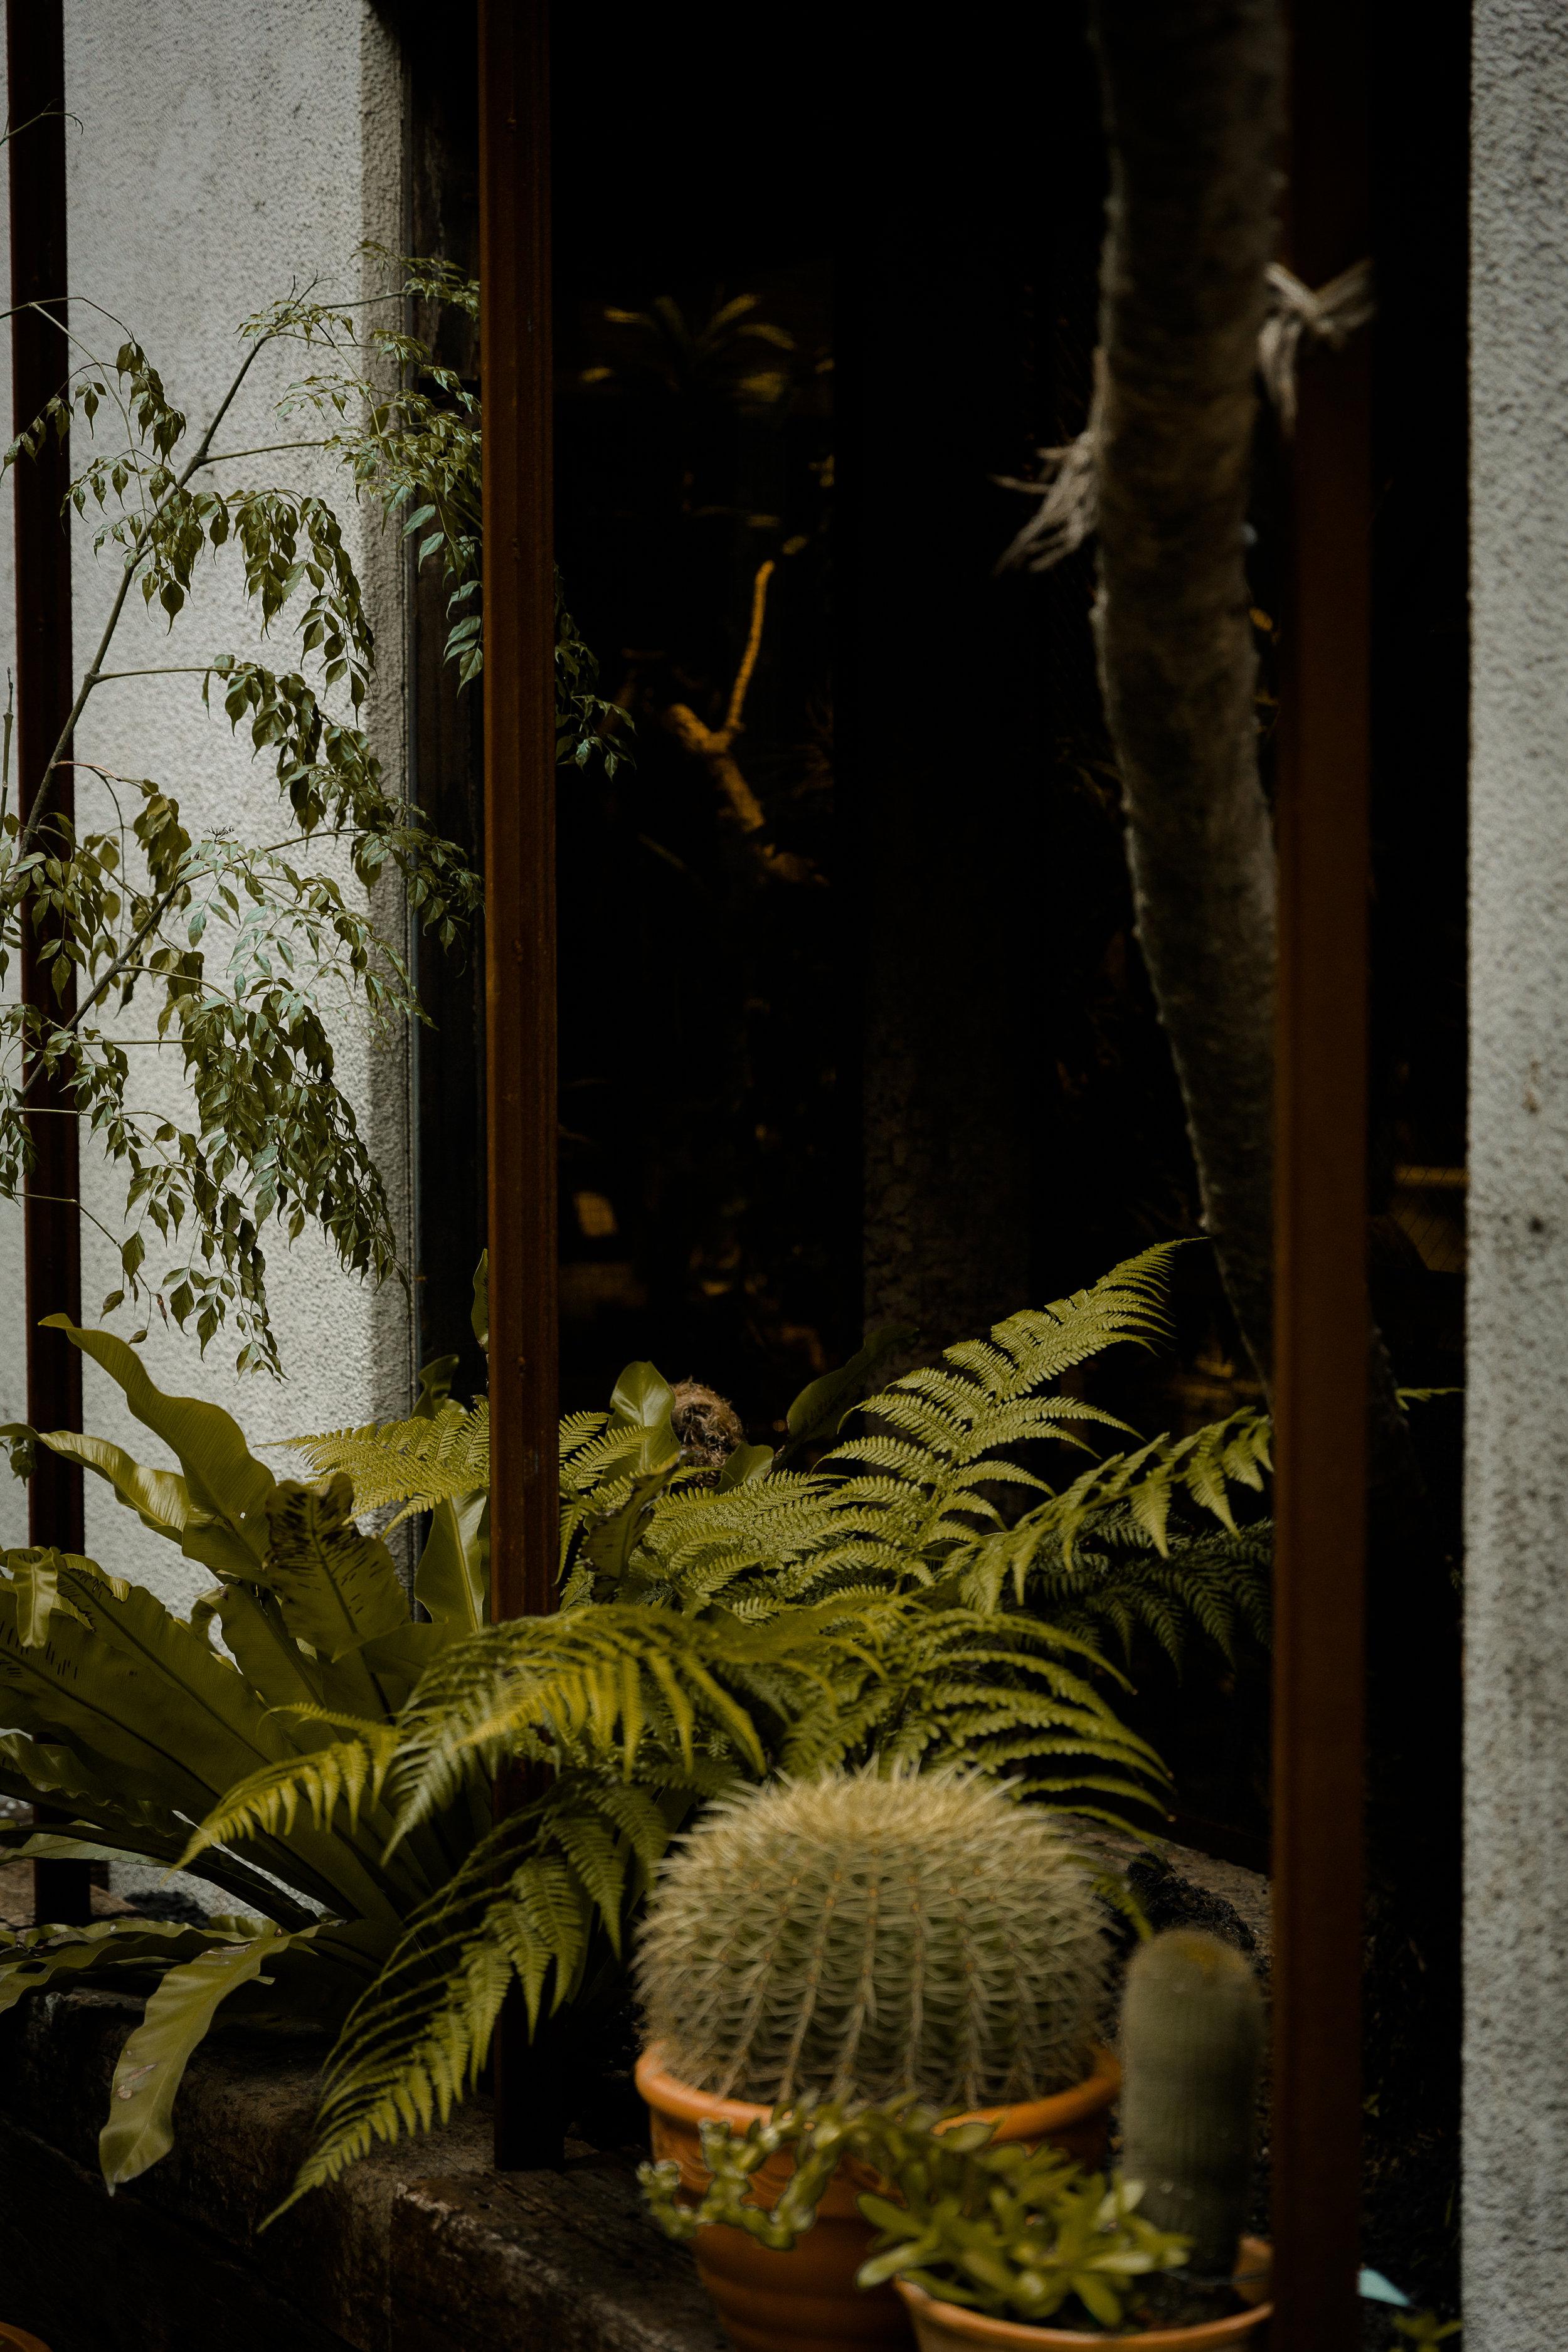 Cacti in window. Tokyo, Japan